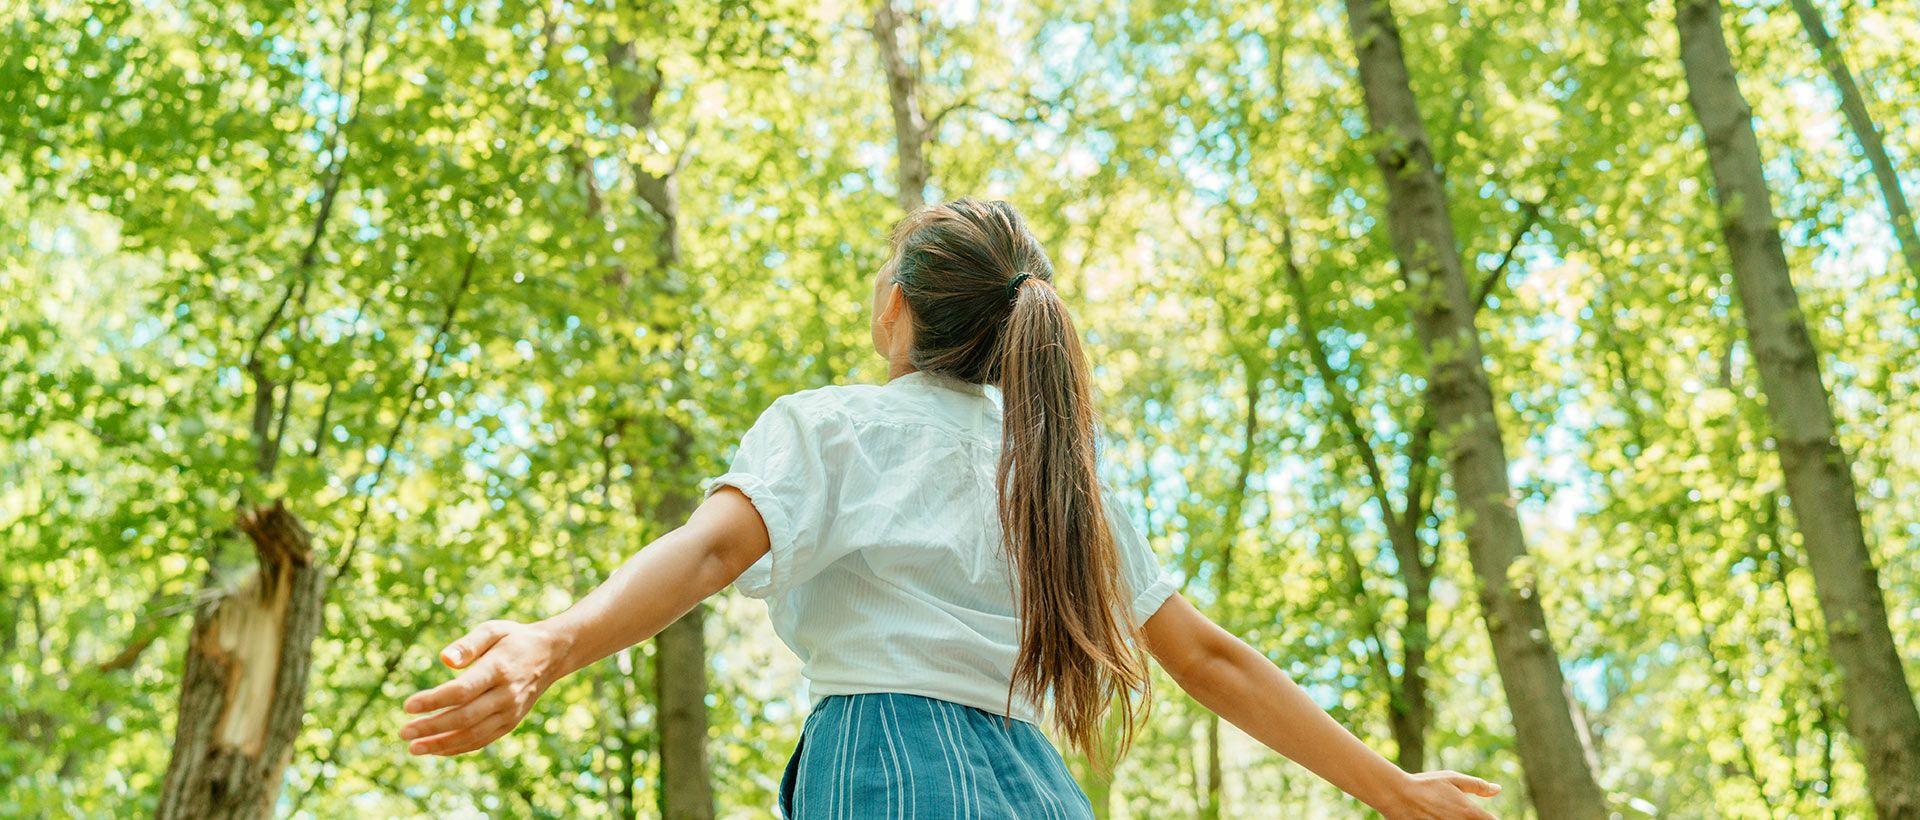 Los 6 consejos más importantes para respetar la naturaleza en el camping Sandaya